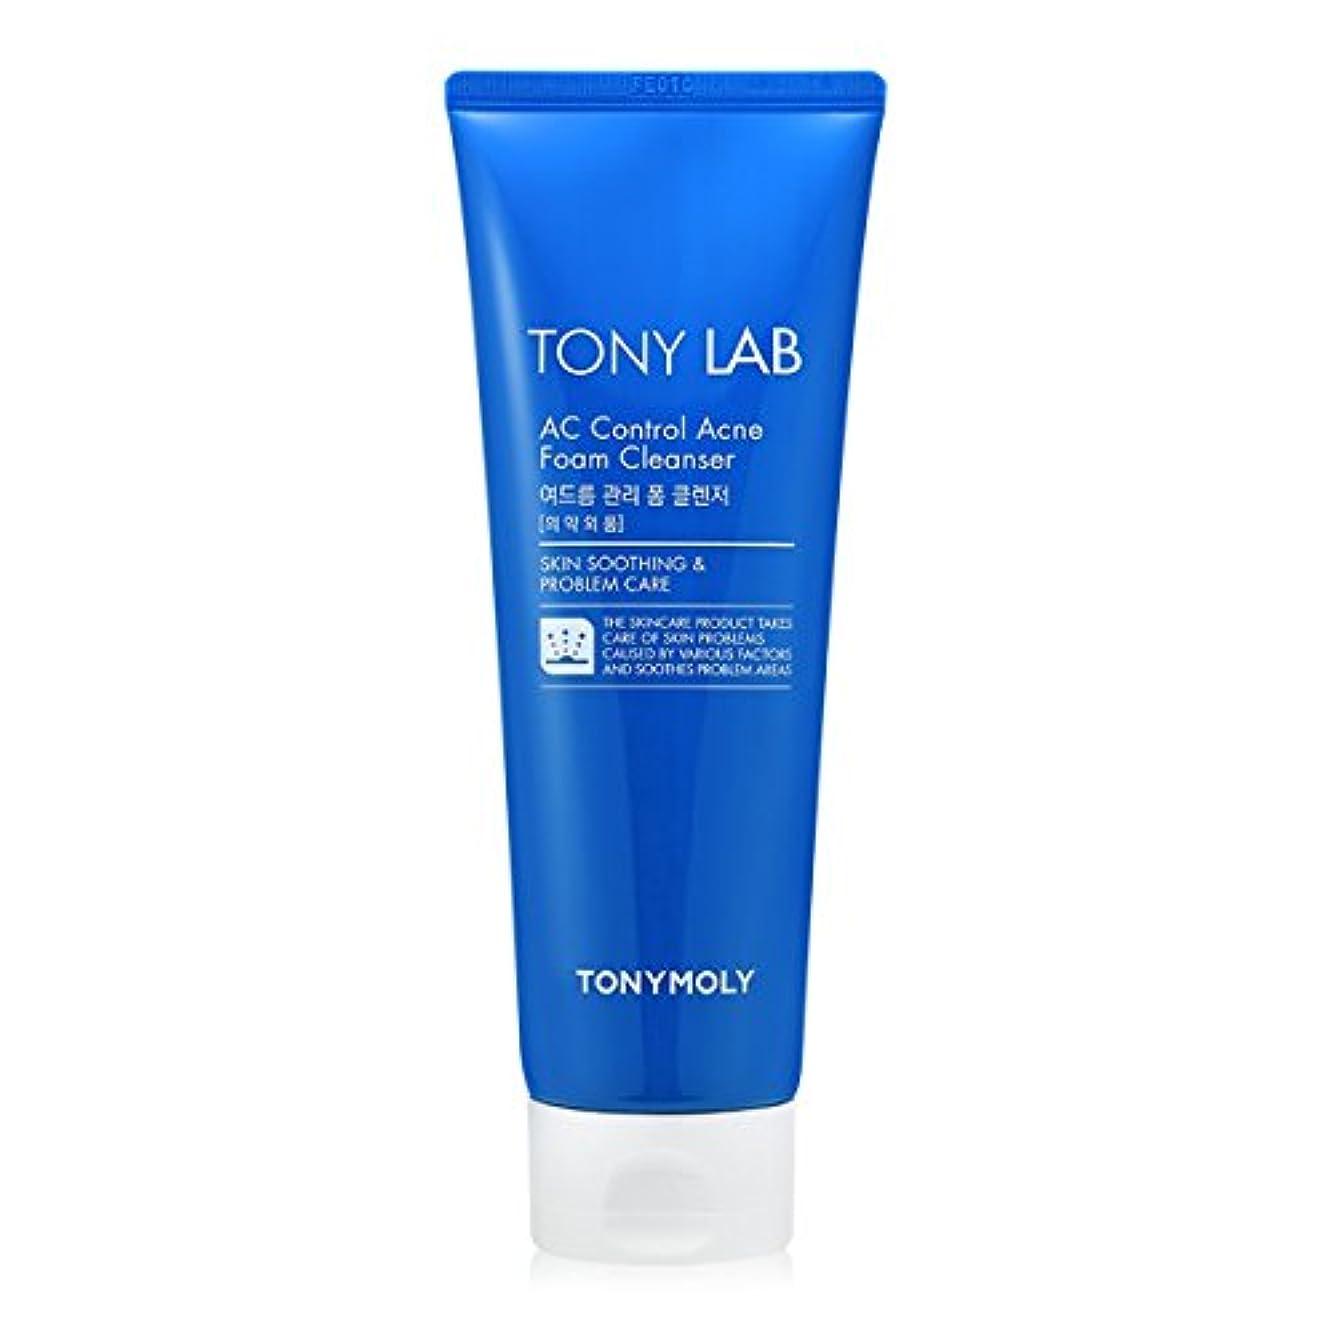 守銭奴平らにする崇拝する[New] TONYMOLY Tony Lab AC Control Acne Foam Cleanser 150ml/トニーモリー トニー ラボ AC コントロール アクネ フォーム クレンザー 150ml